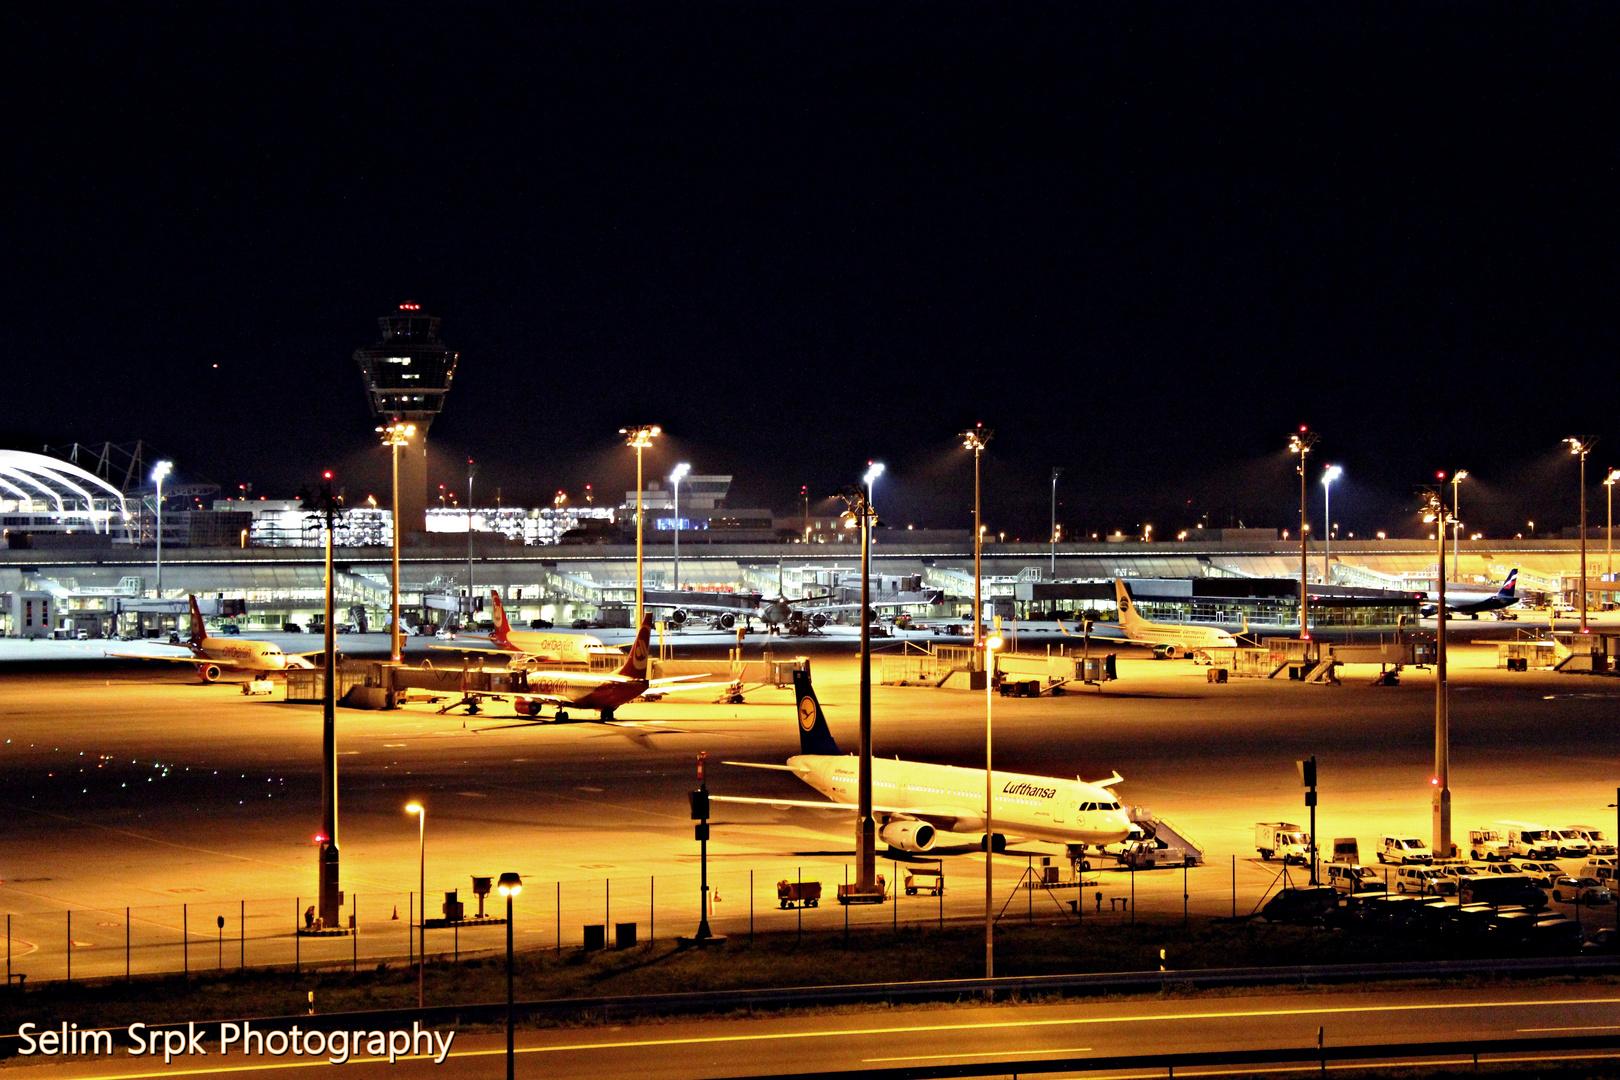 Flughafen München - Selim Srpk Photography